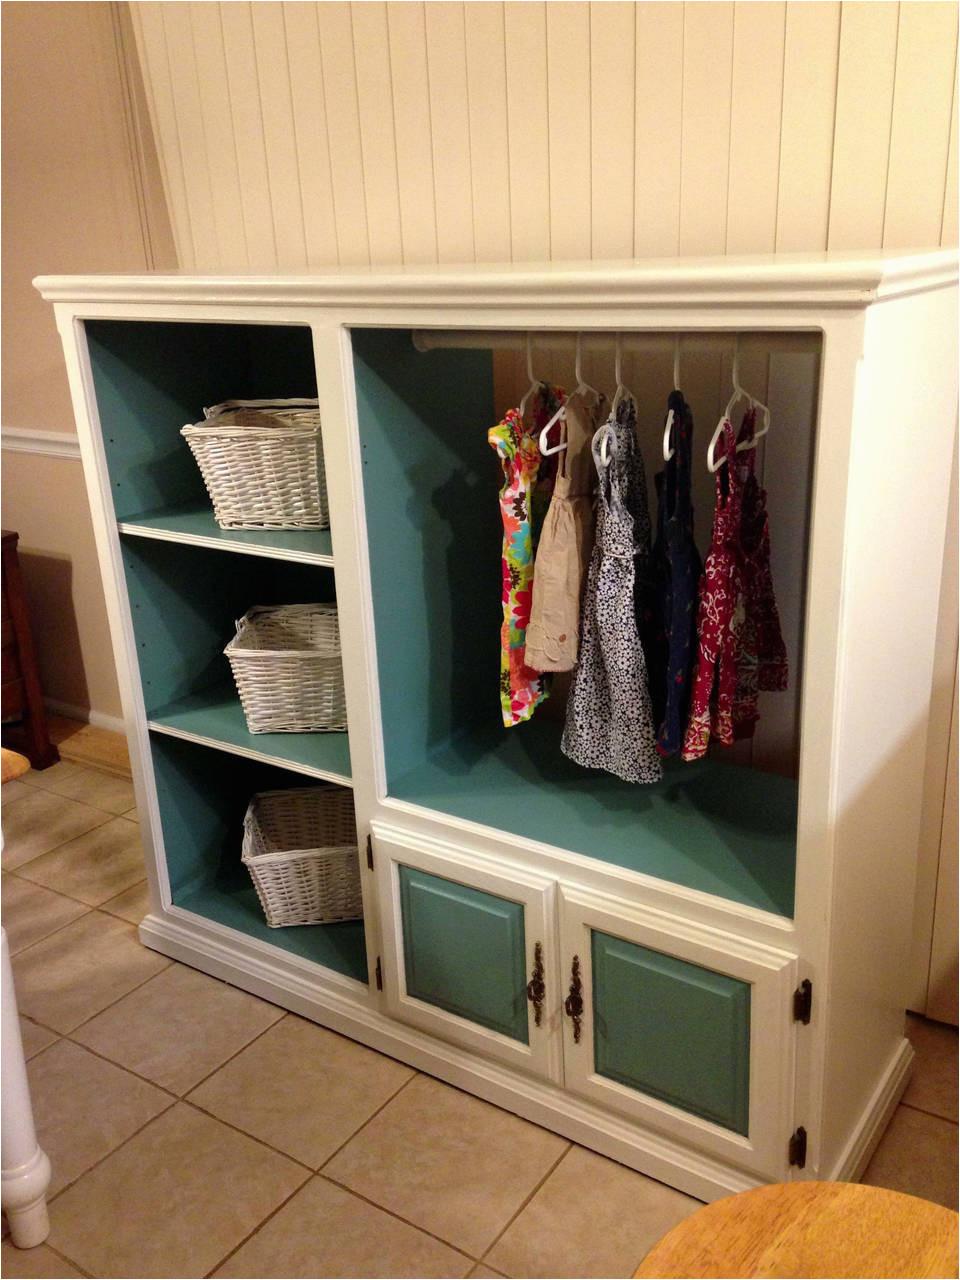 entertainment center plans inspirational build entertainment center plans baby wardrobe armoire closet y i 0d